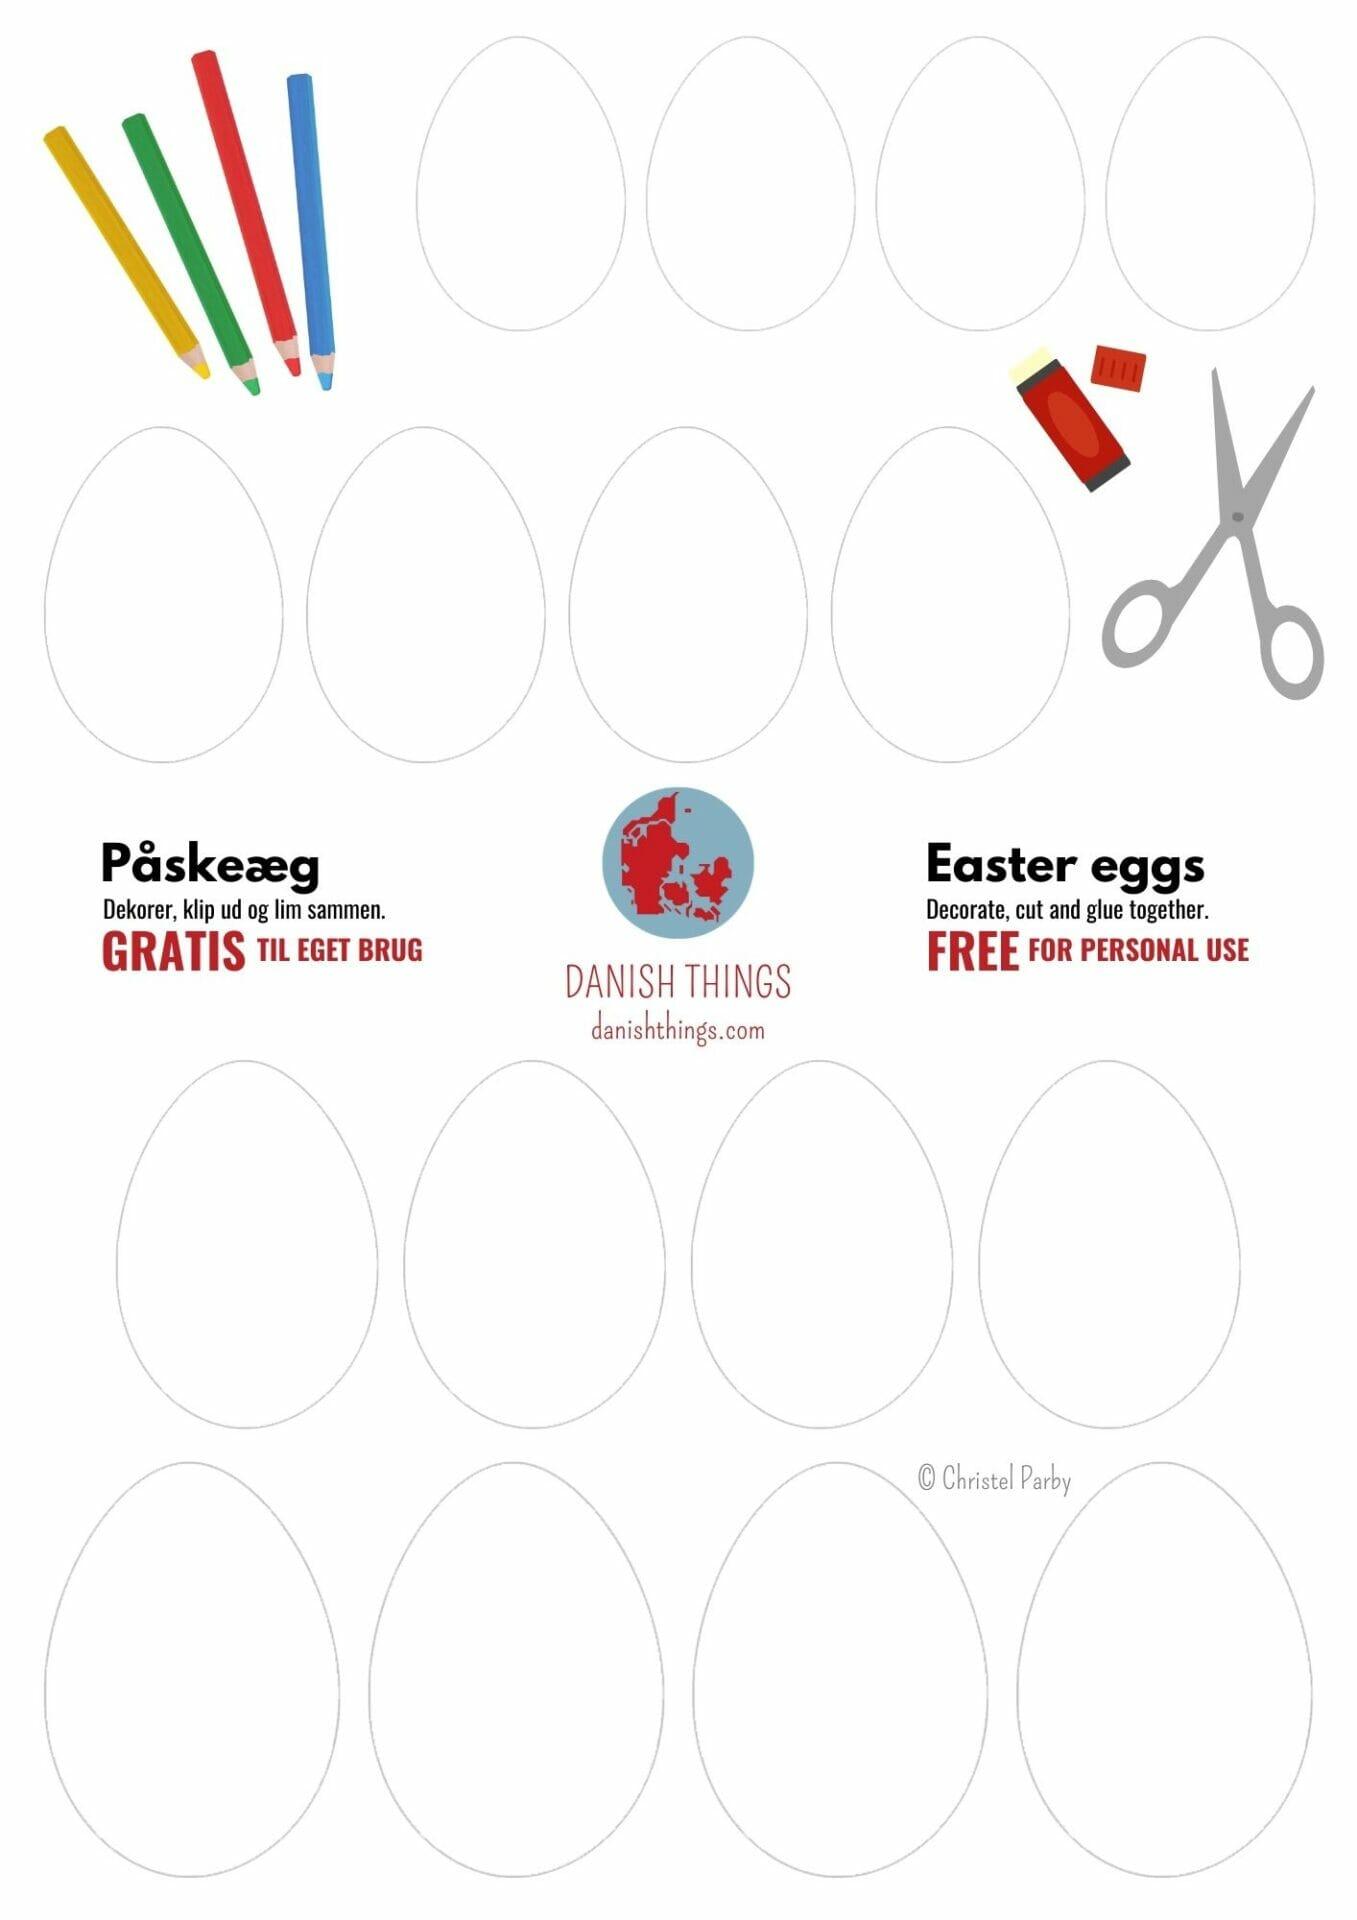 Æg - til print eller som skabelon. Påskeæg af papir - til dine egne påskedekorationer. Dekorer æggene, og brug dine påskeæg som påskekort, som pynt på grene og i vinduer. Find opskrifter, gratis print og inspiration til årets gang på danishthings.com #DanishThings #skabelon #filt #æg #papir #påske #lavselv #gratis #print #påskepynt #Billedkunst #aktivitet #dekoration #påske #påskedekoration #påskeæg #påskeophæng #ophæng #mobile #påskekort